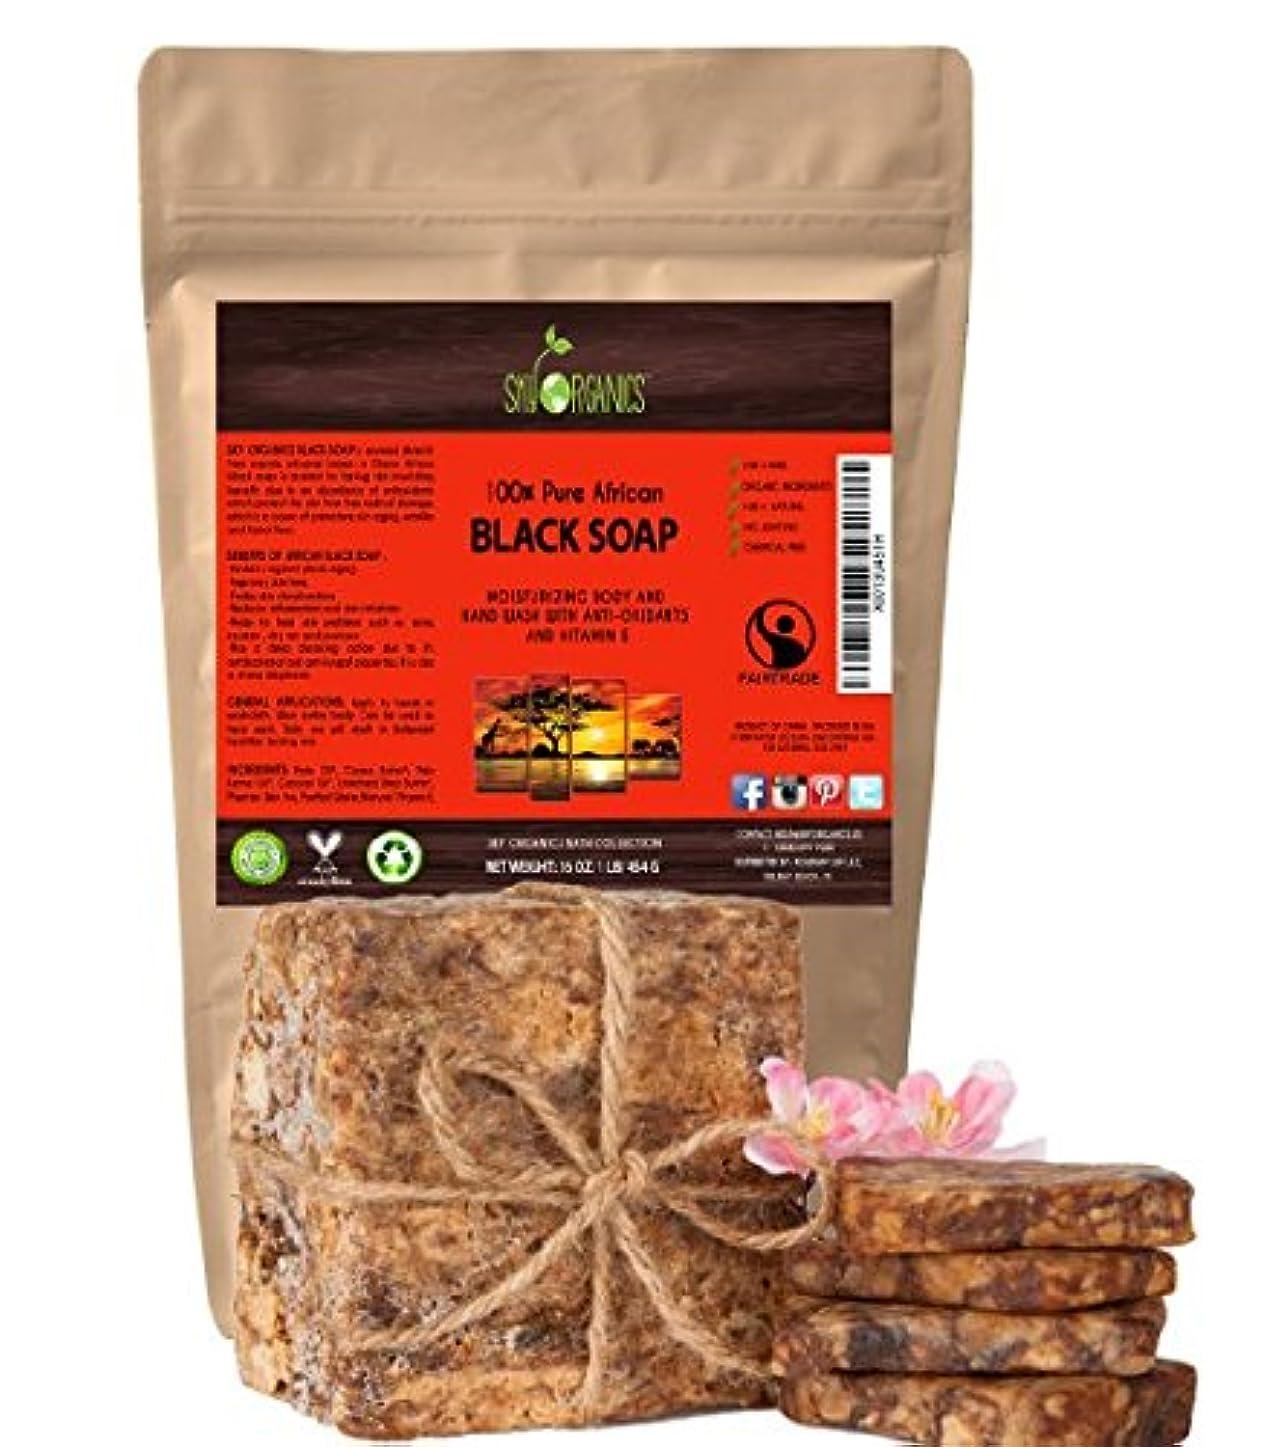 話知るパトロン切って使う オーガニック アフリカン ブラックソープ (約4563gブロック)Organic African Black Soap (16oz block) - Raw Organic Soap Ideal for Acne...